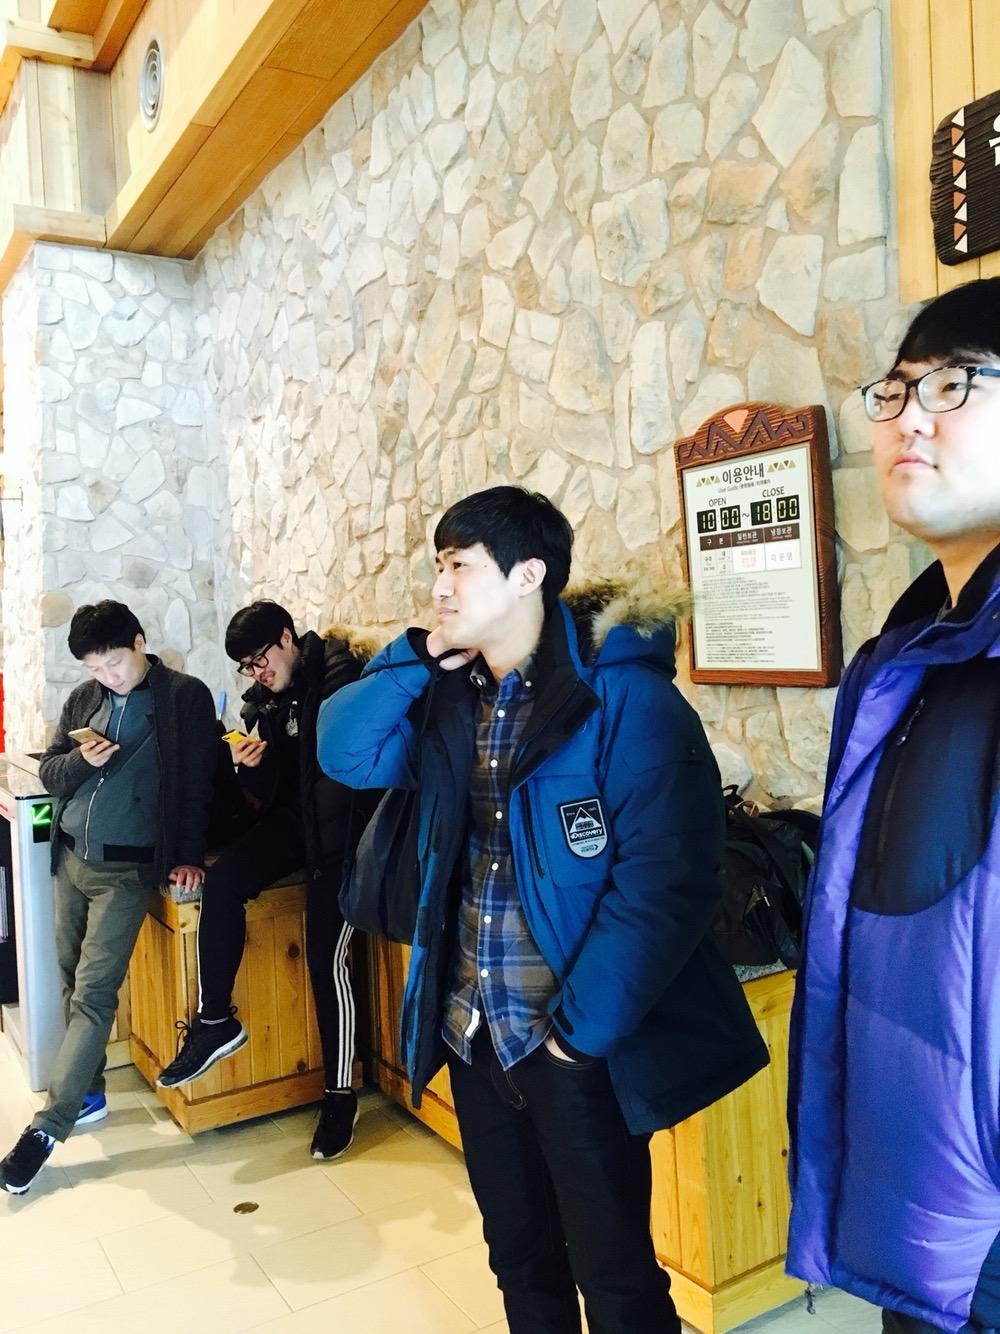 2016.02.12_김해롯데워터파크 MT (7).JPG